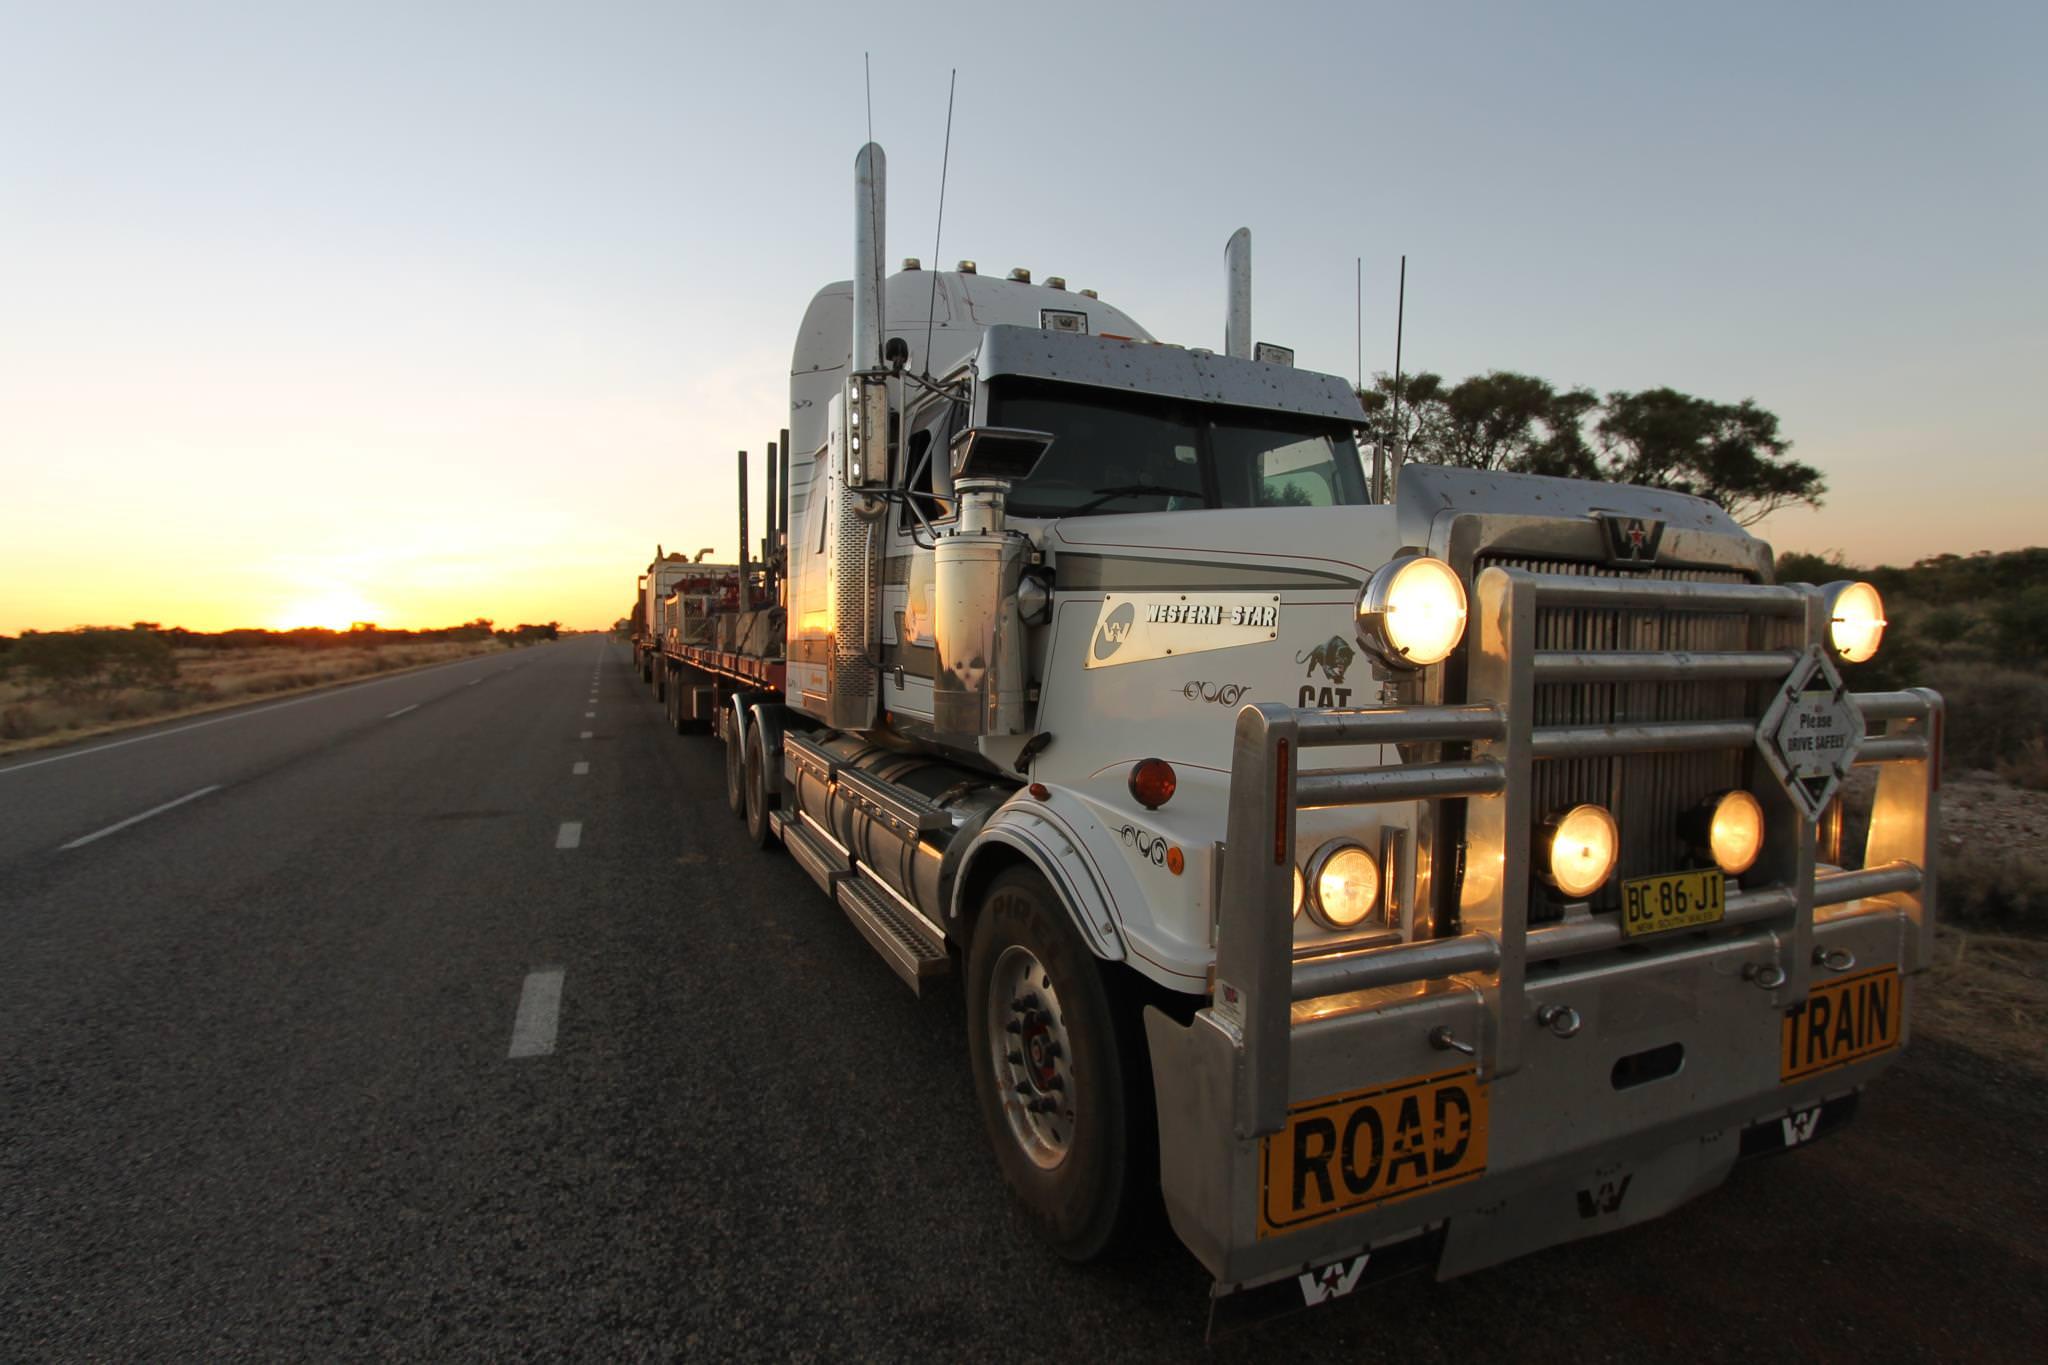 Western Star truck on Aussie road